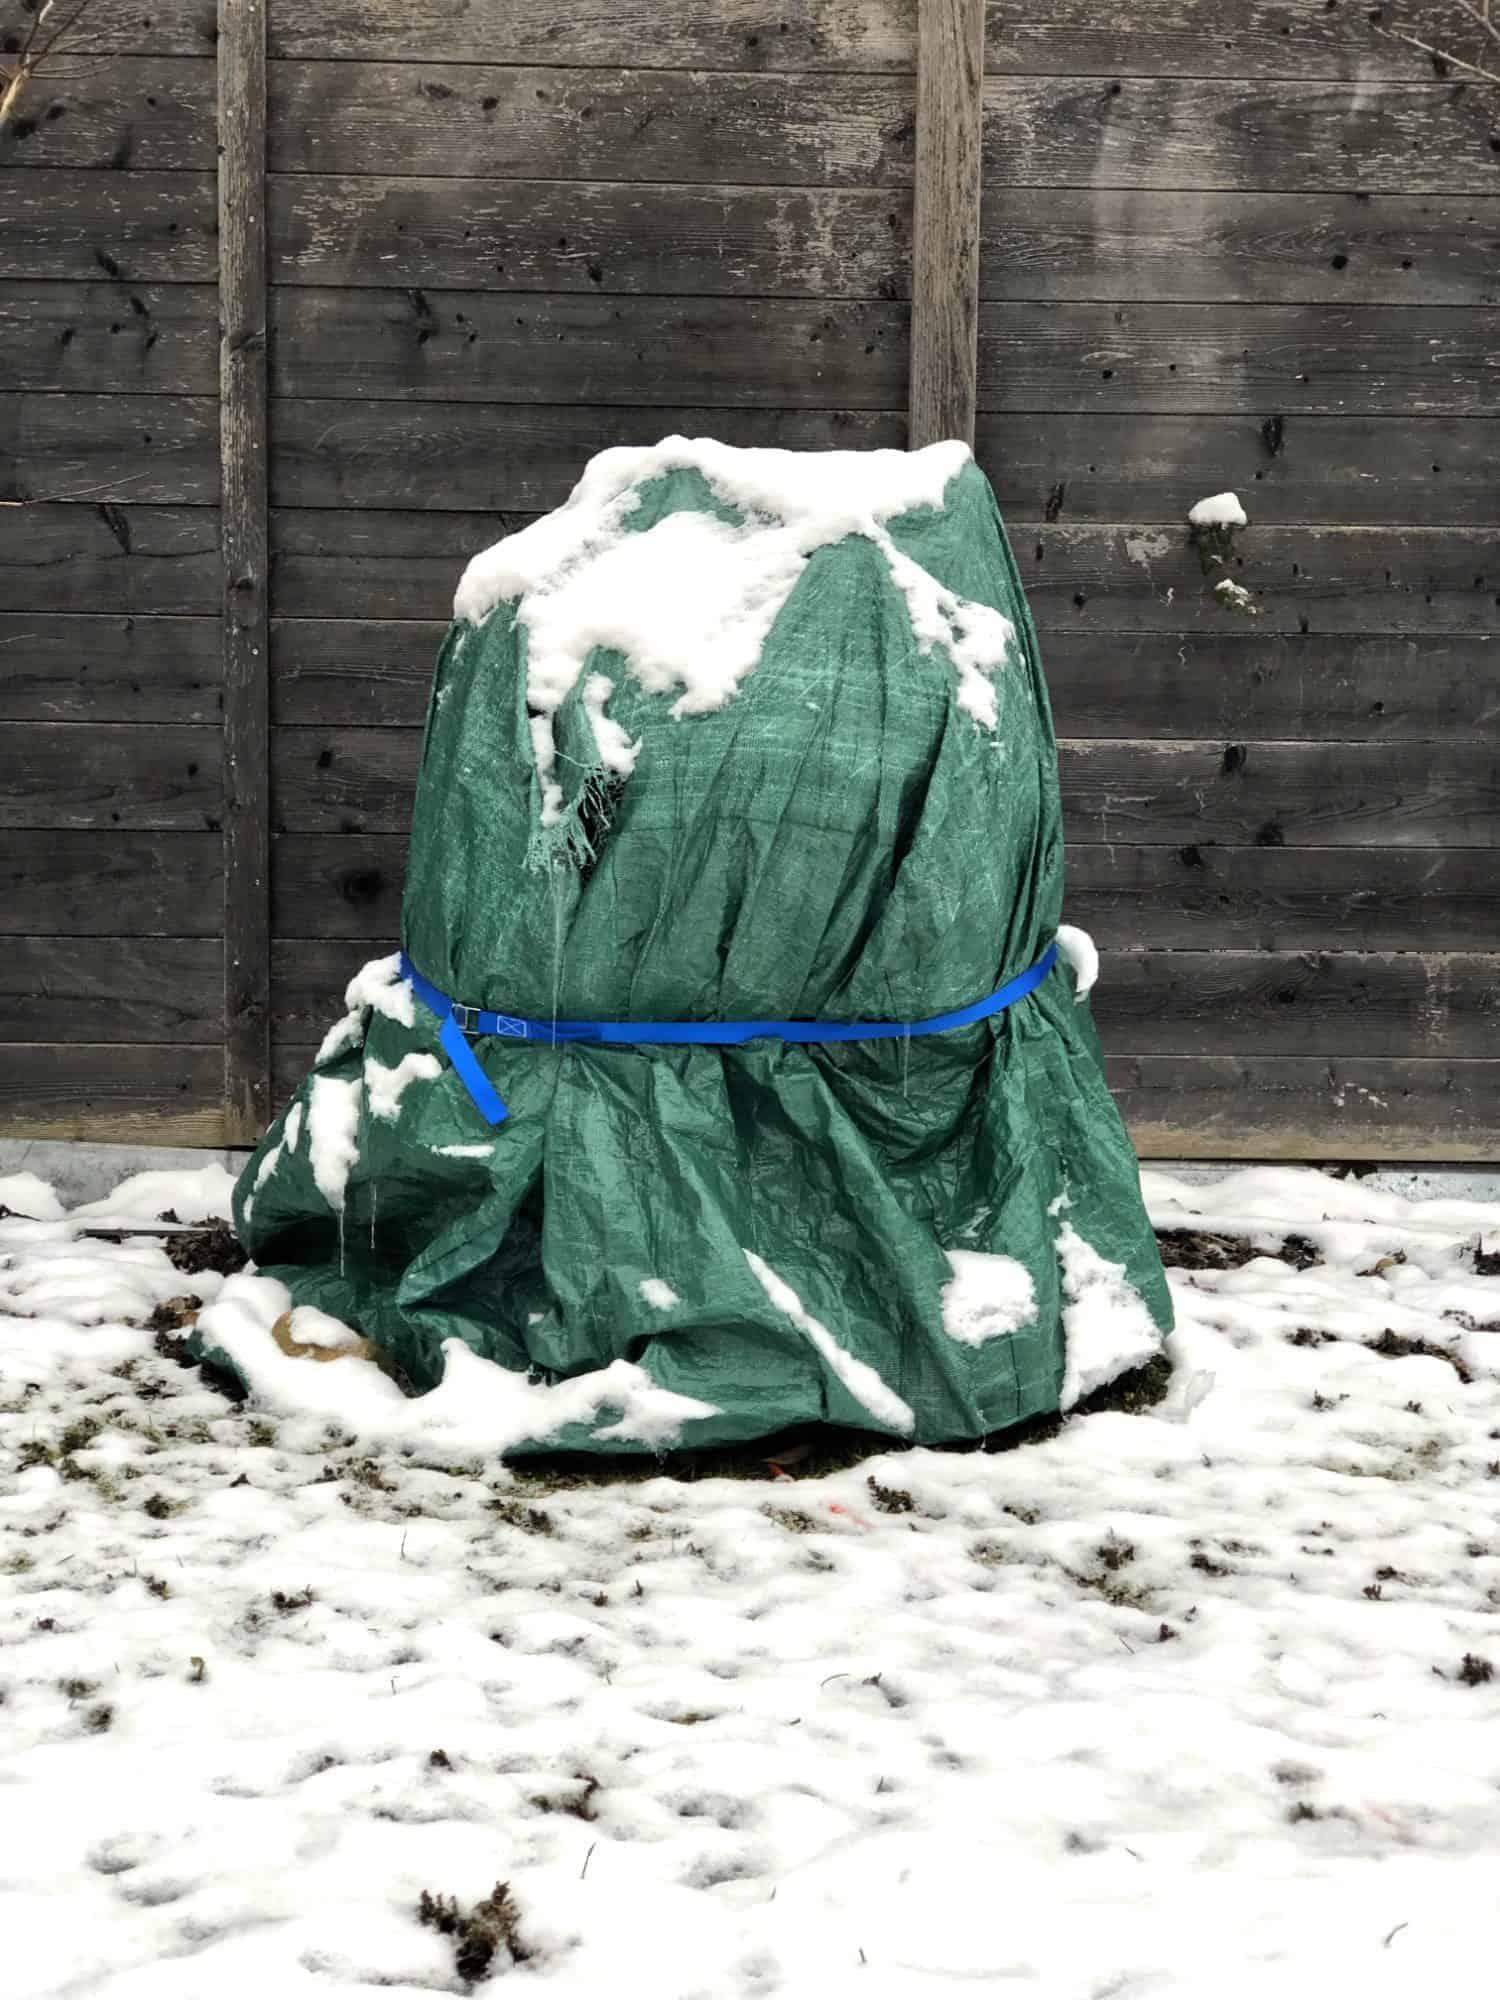 Japanische Faserbanane: Winterschutz 1